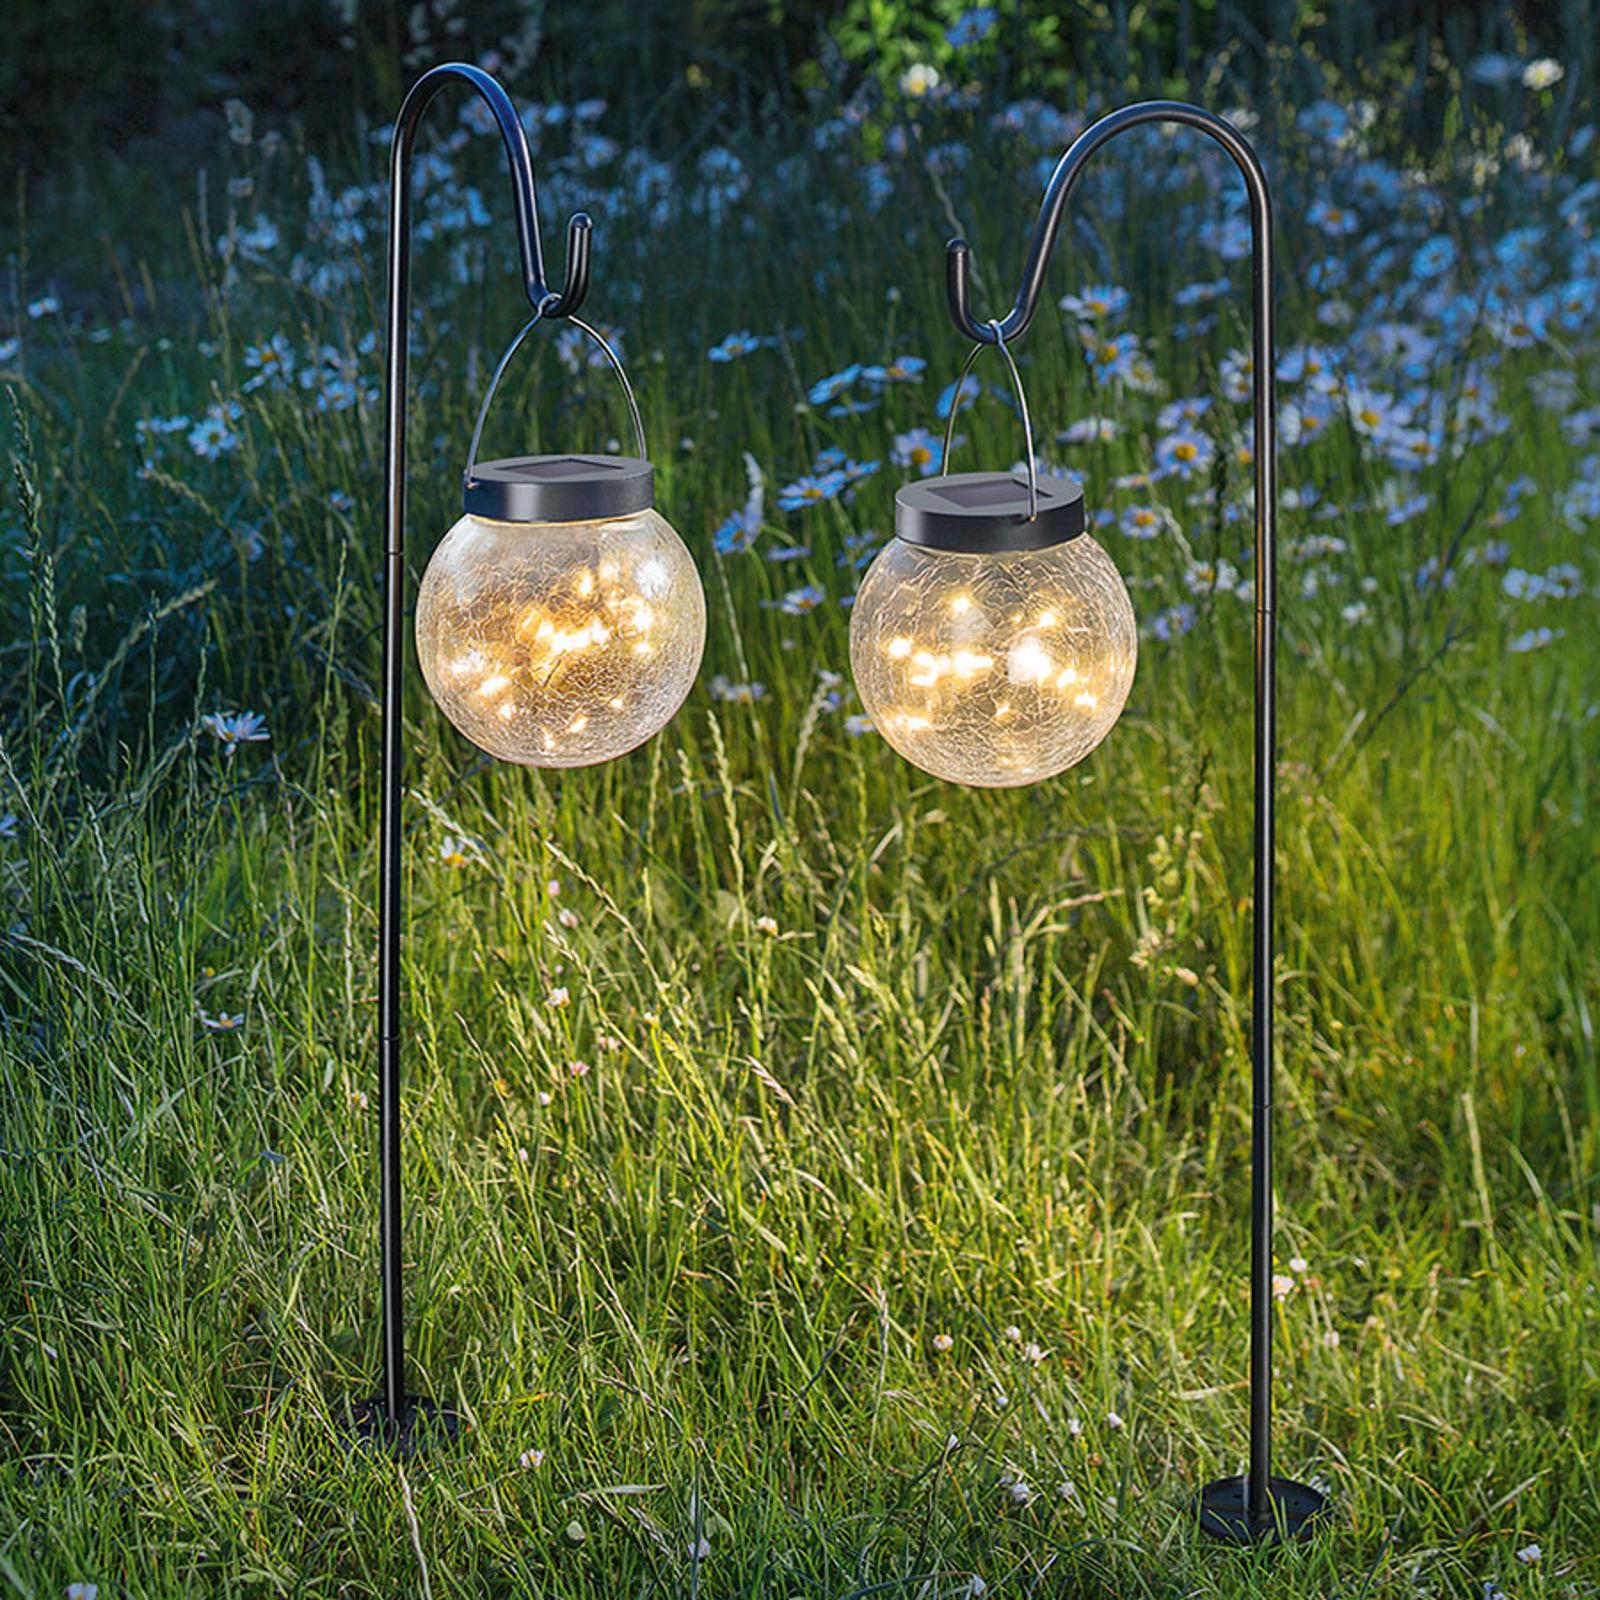 Solarne oświetlenie dekoracyjne Smart Globe 2 szt.